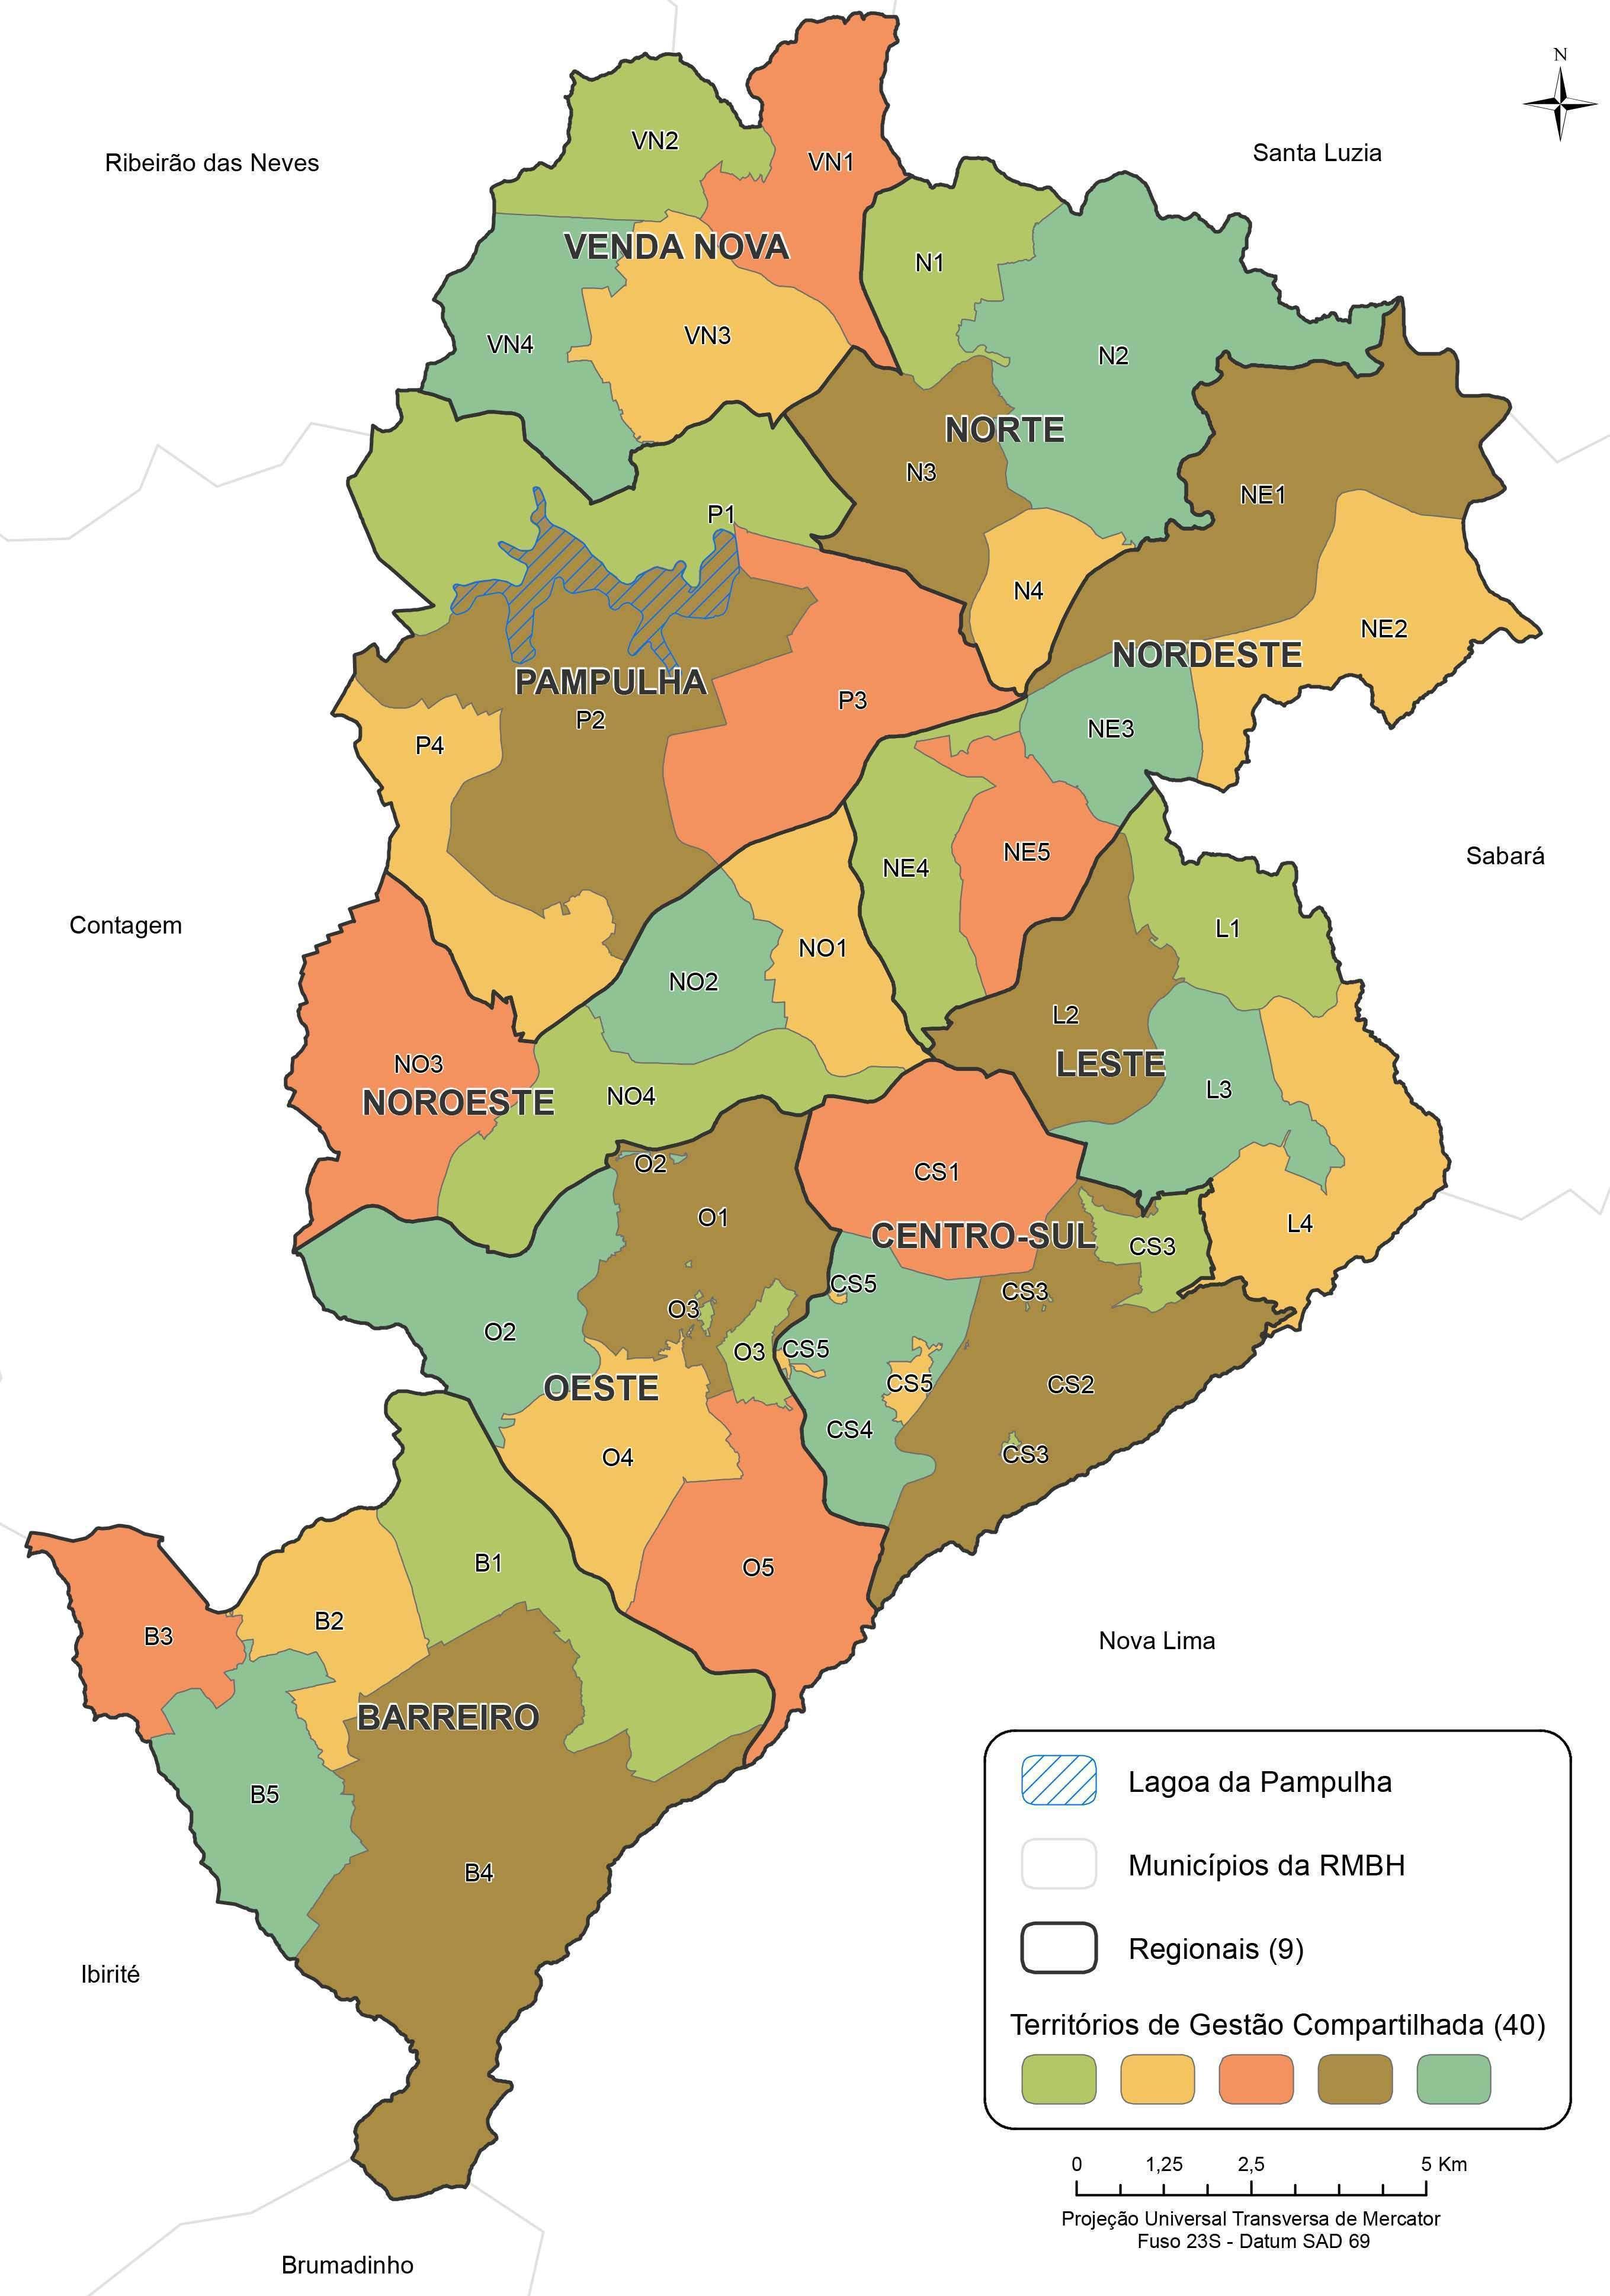 Territórios de Gestão Compartilhada de Belo Horizonte - Fonte: PBH